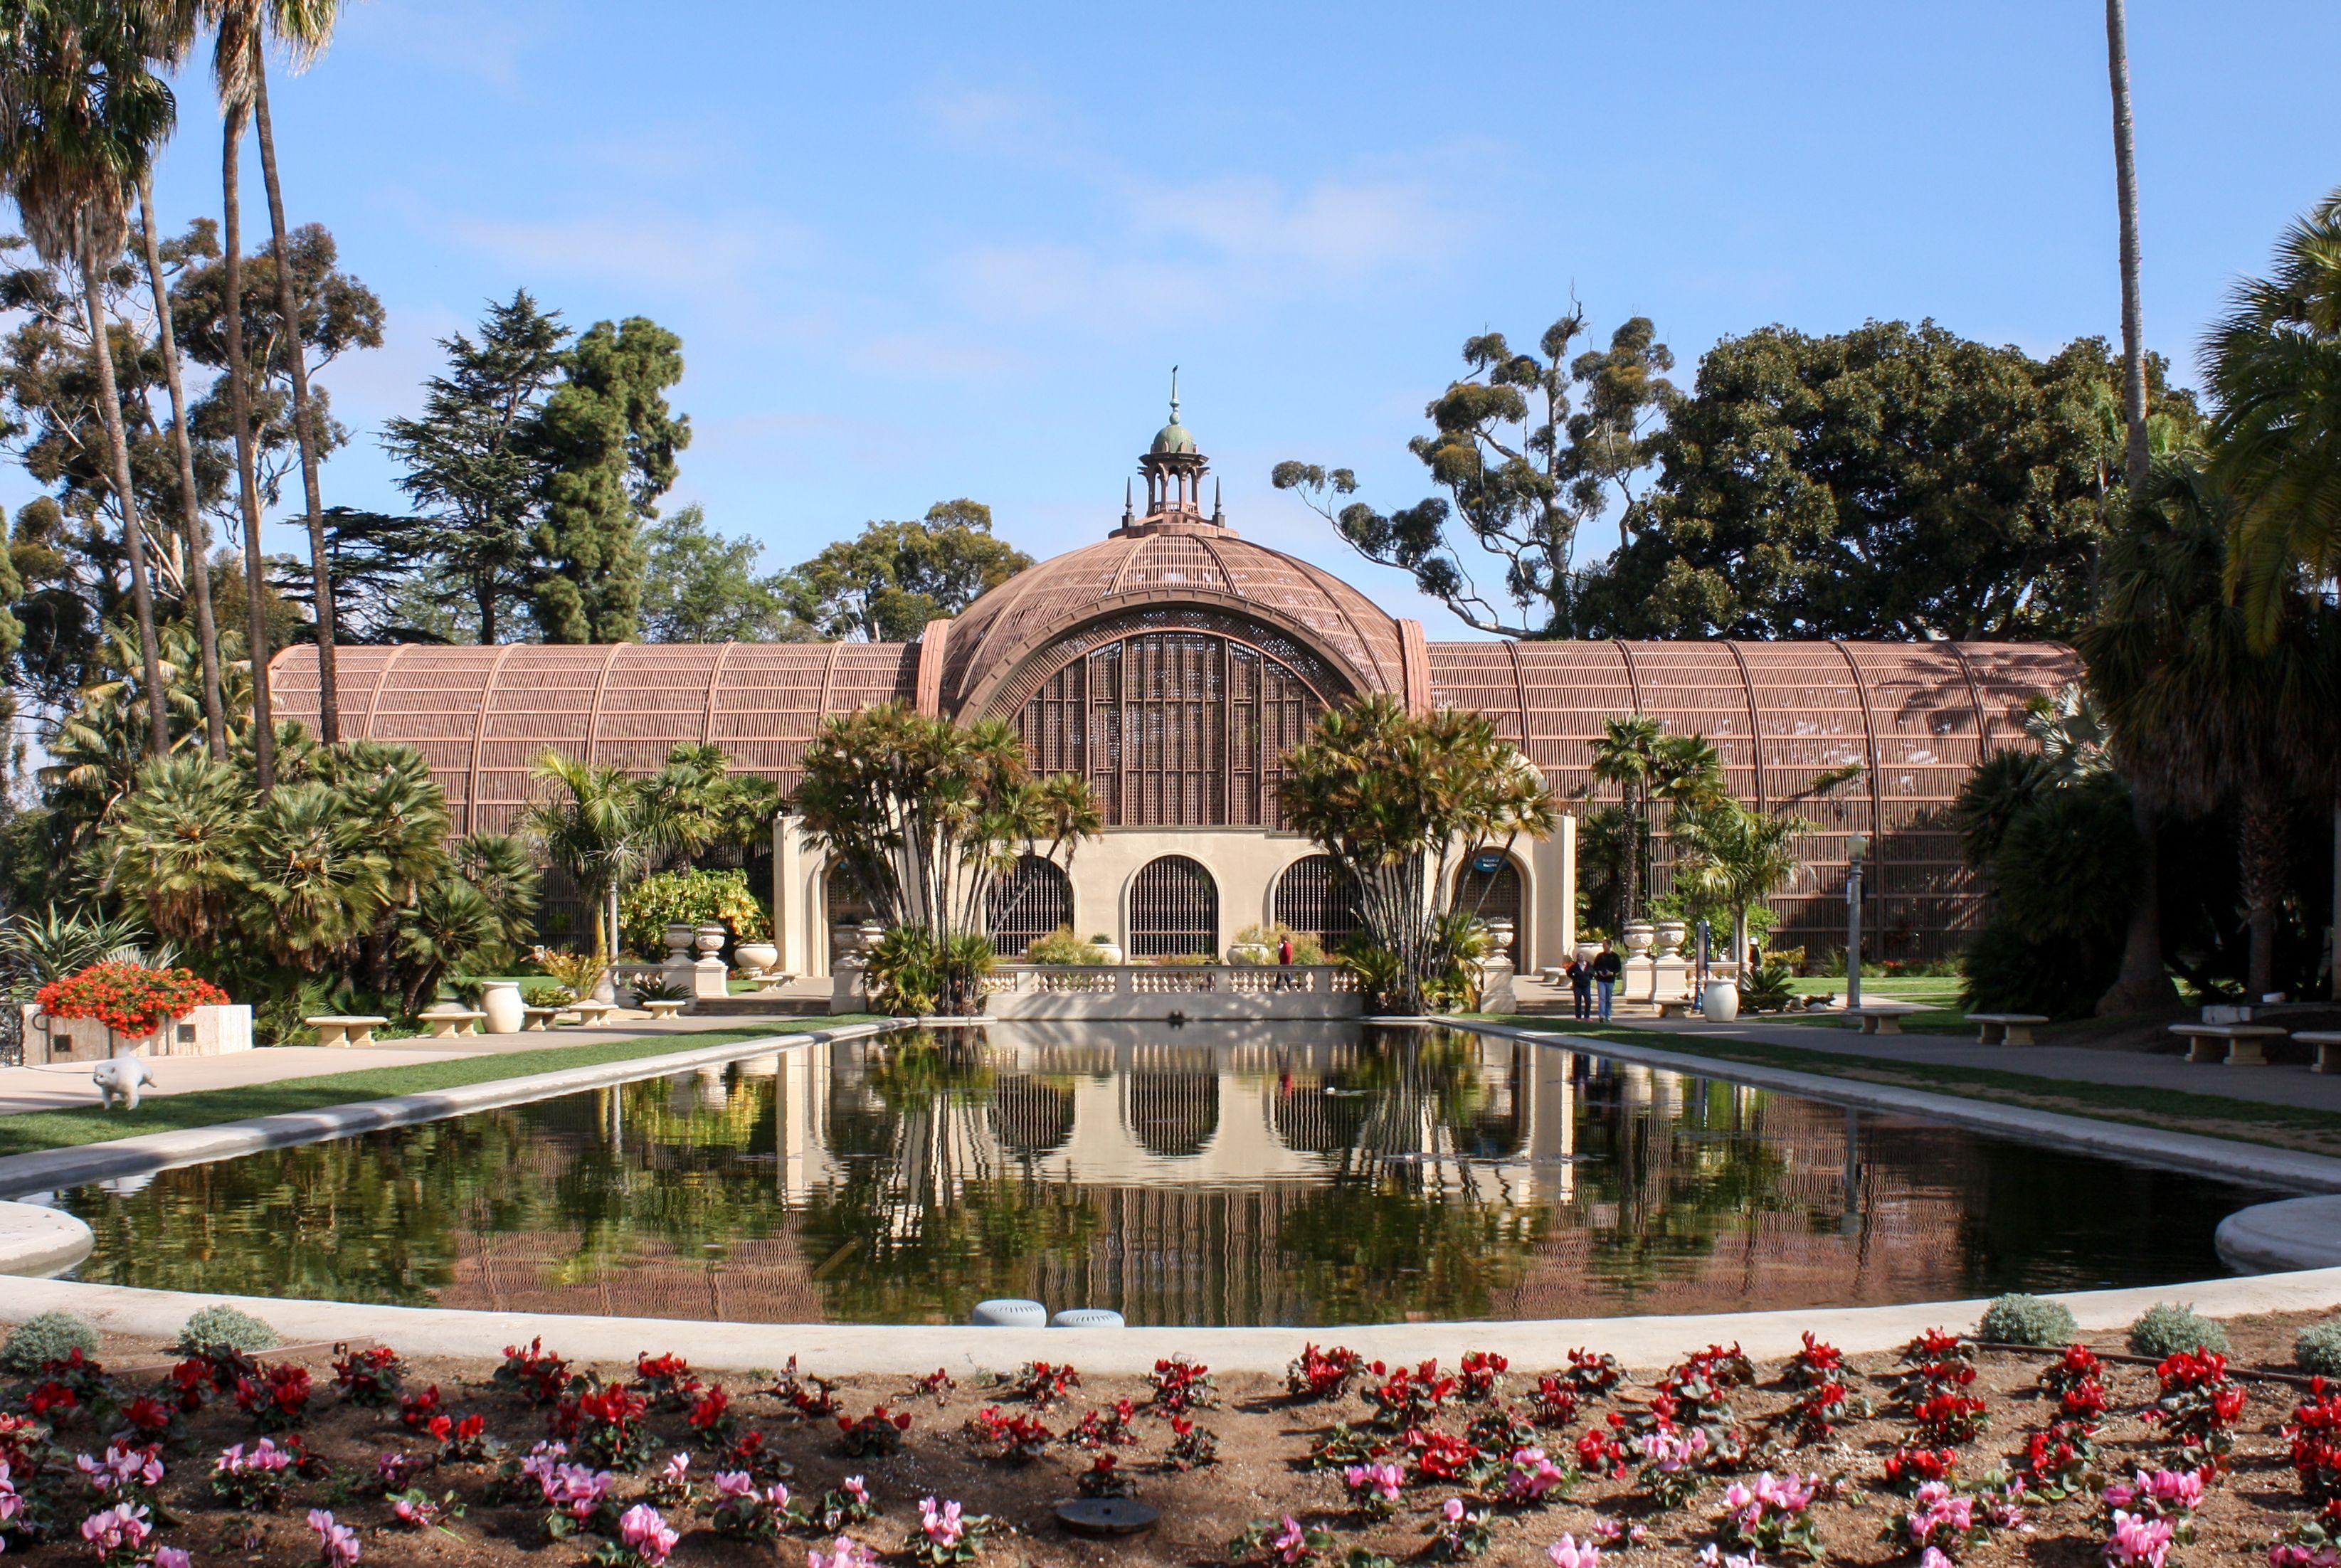 56f996e0b55de1014993fa4332472d50 - Pacific Gardens North Park San Diego